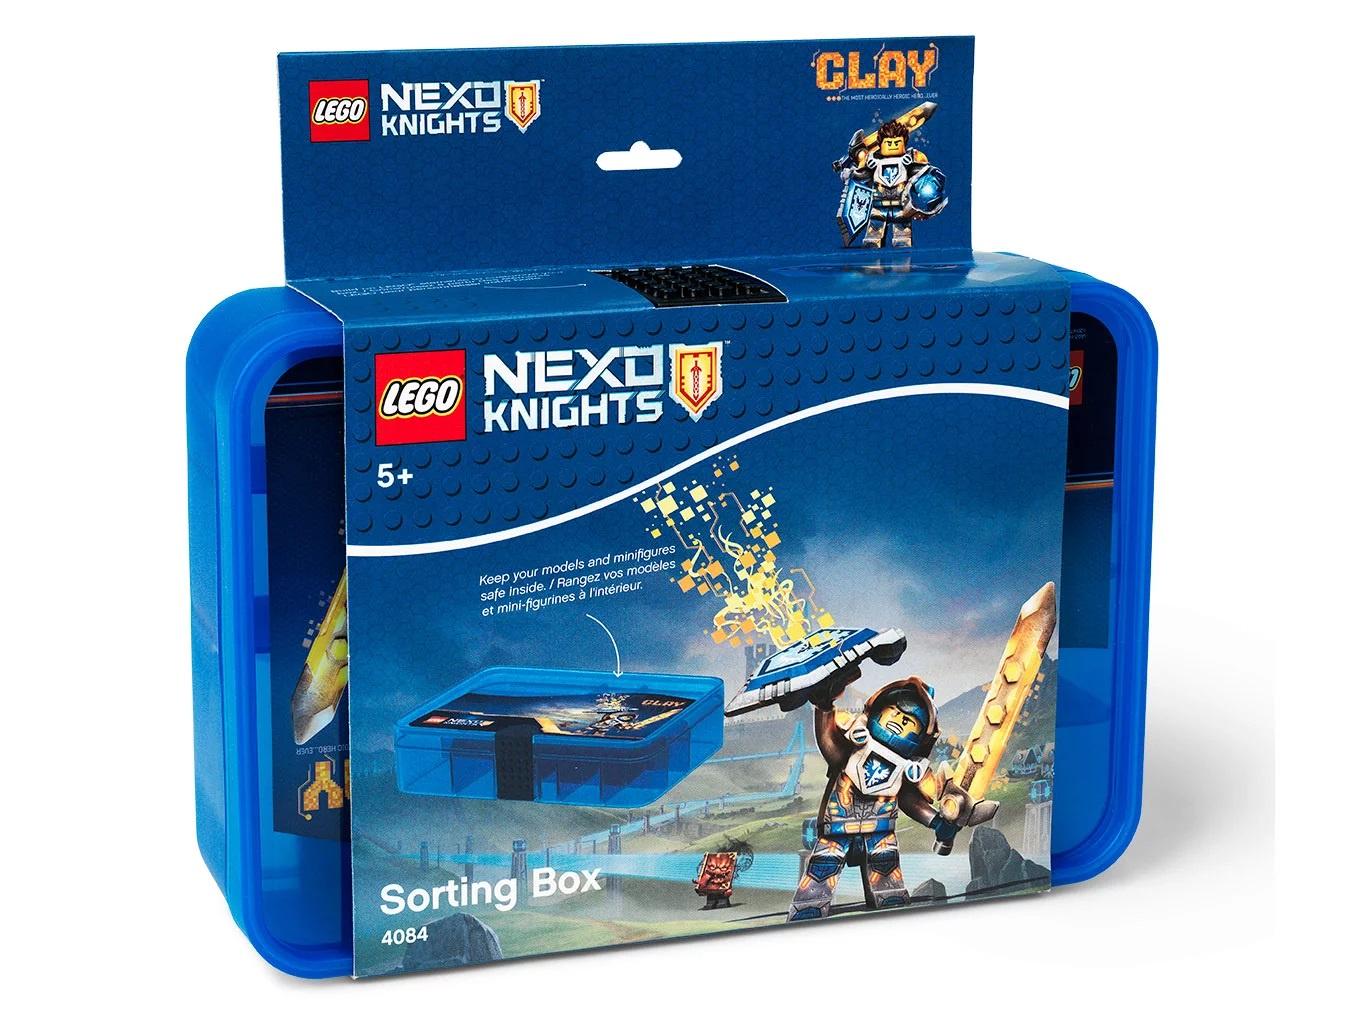 Система хранения Sorting Box Nexo Knights LEGO